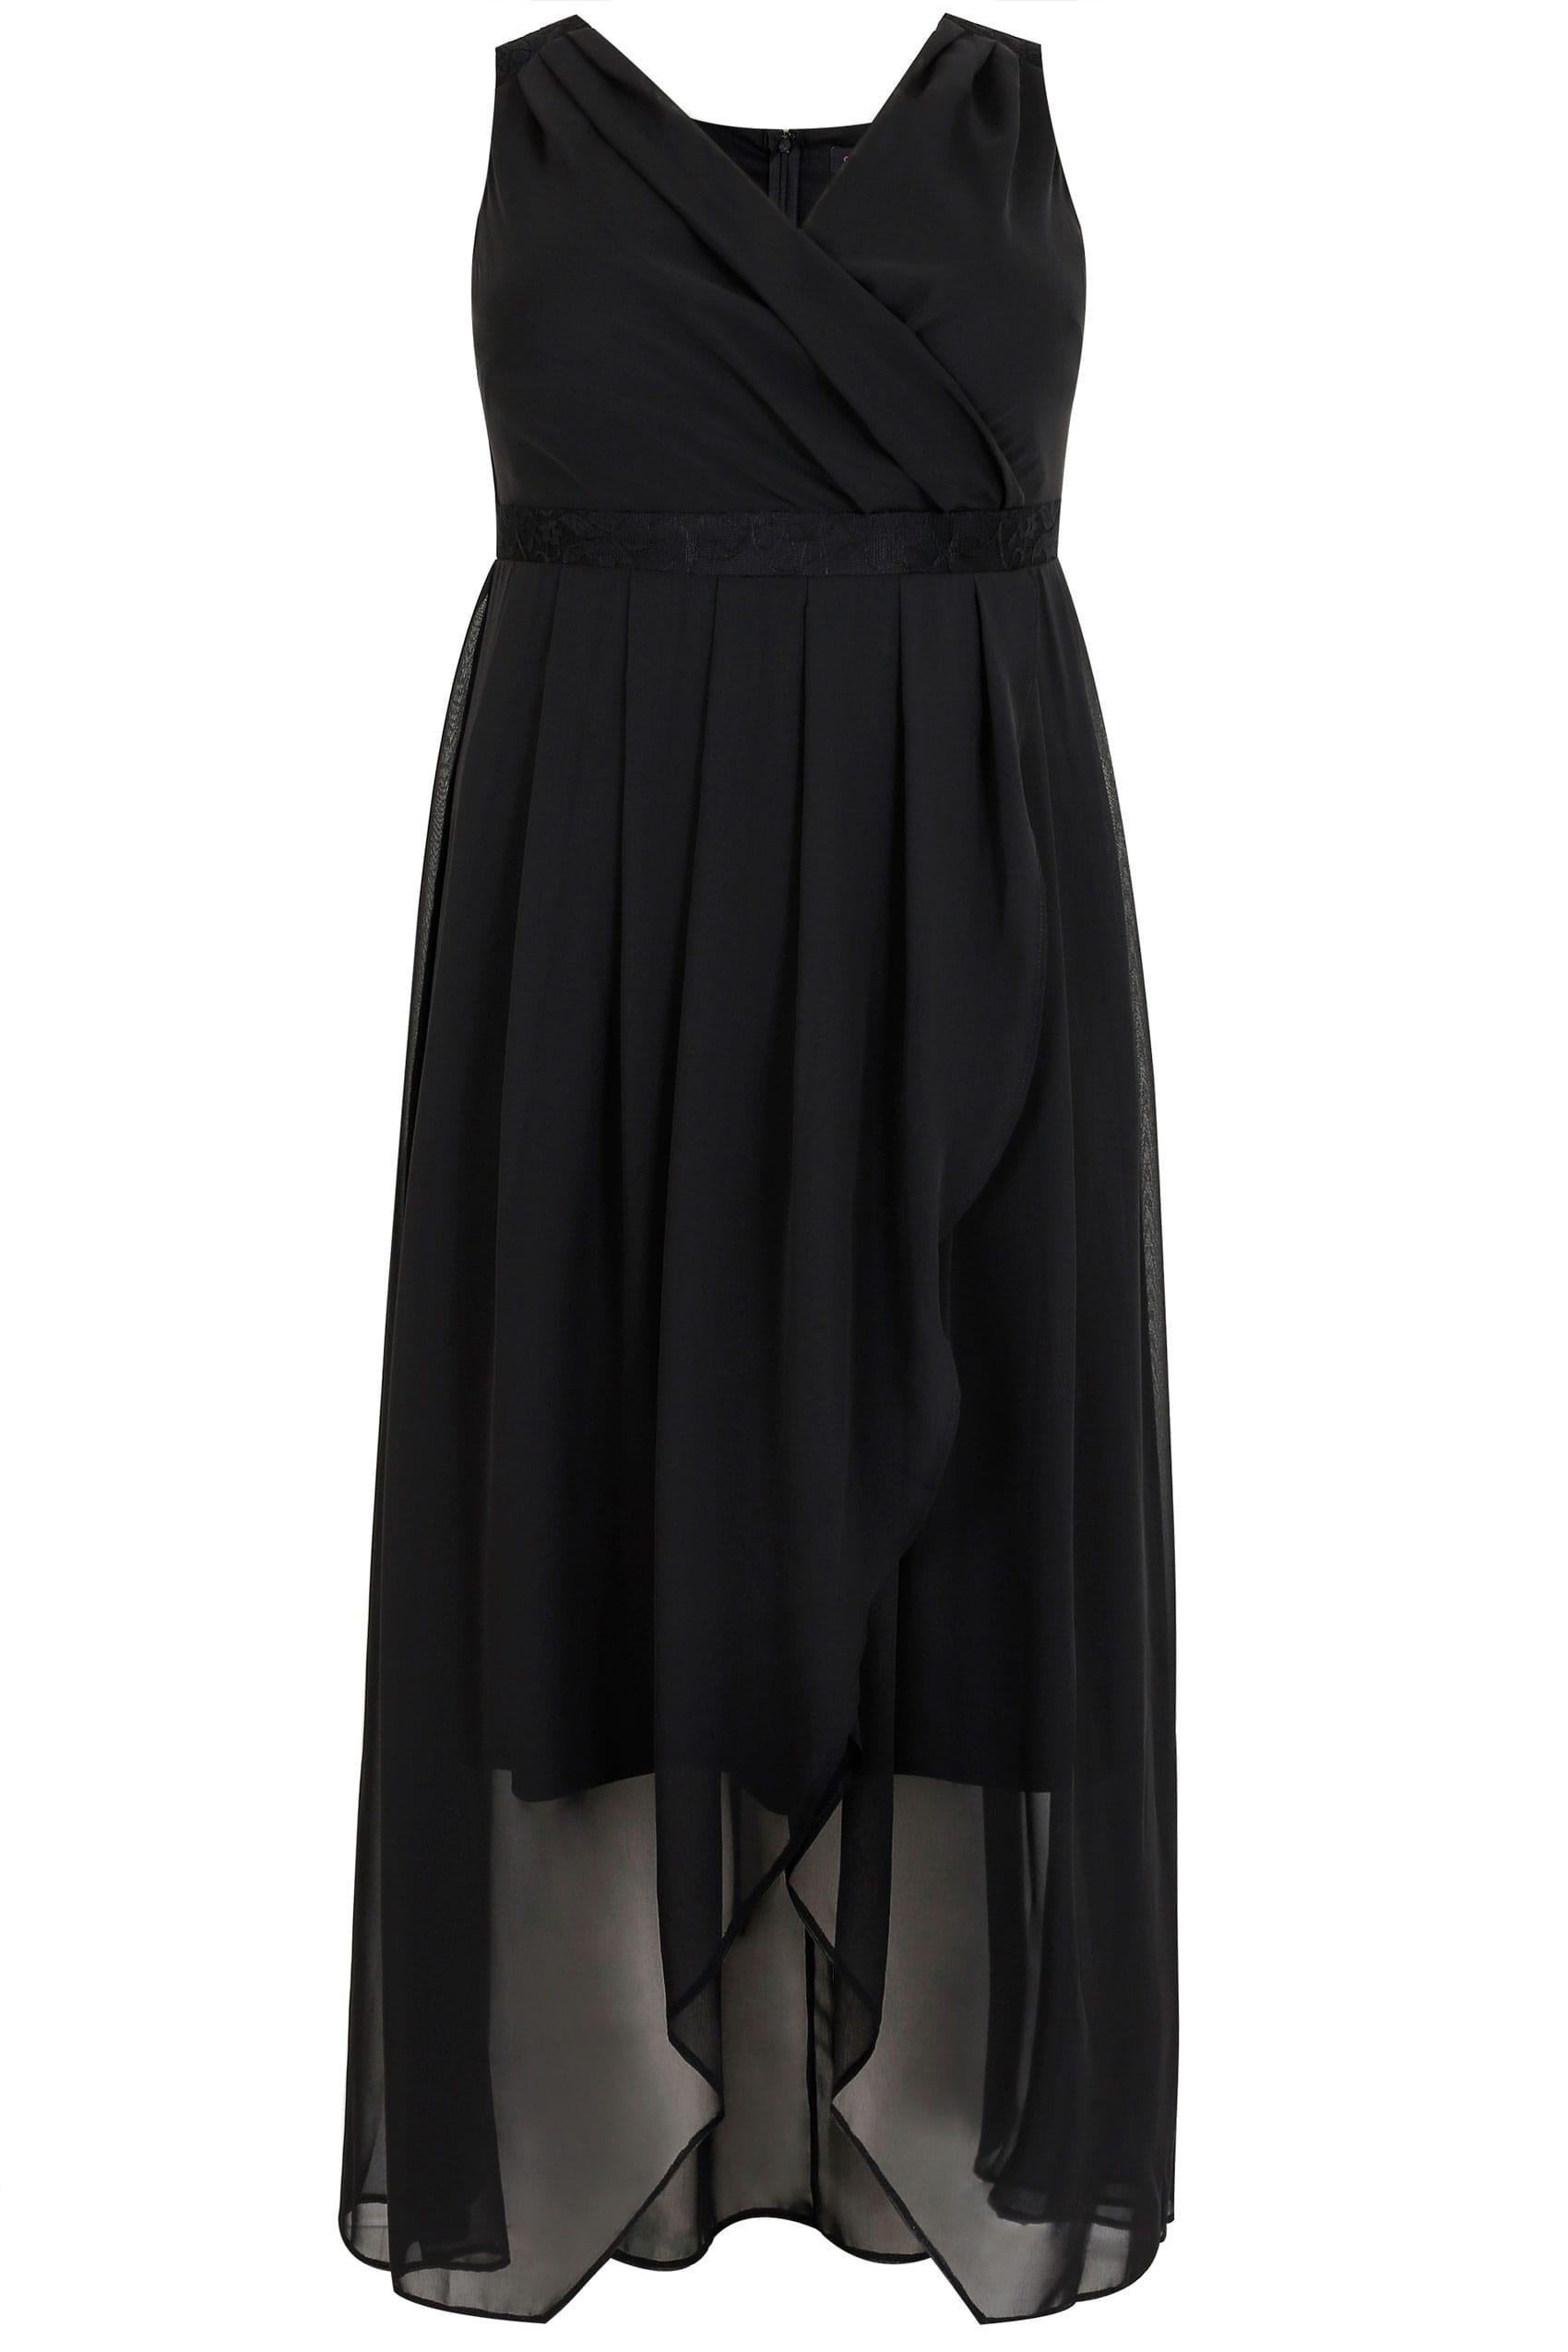 Designer Einfach Schwarzes Kleid Mit Spitze Vertrieb17 Ausgezeichnet Schwarzes Kleid Mit Spitze Ärmel